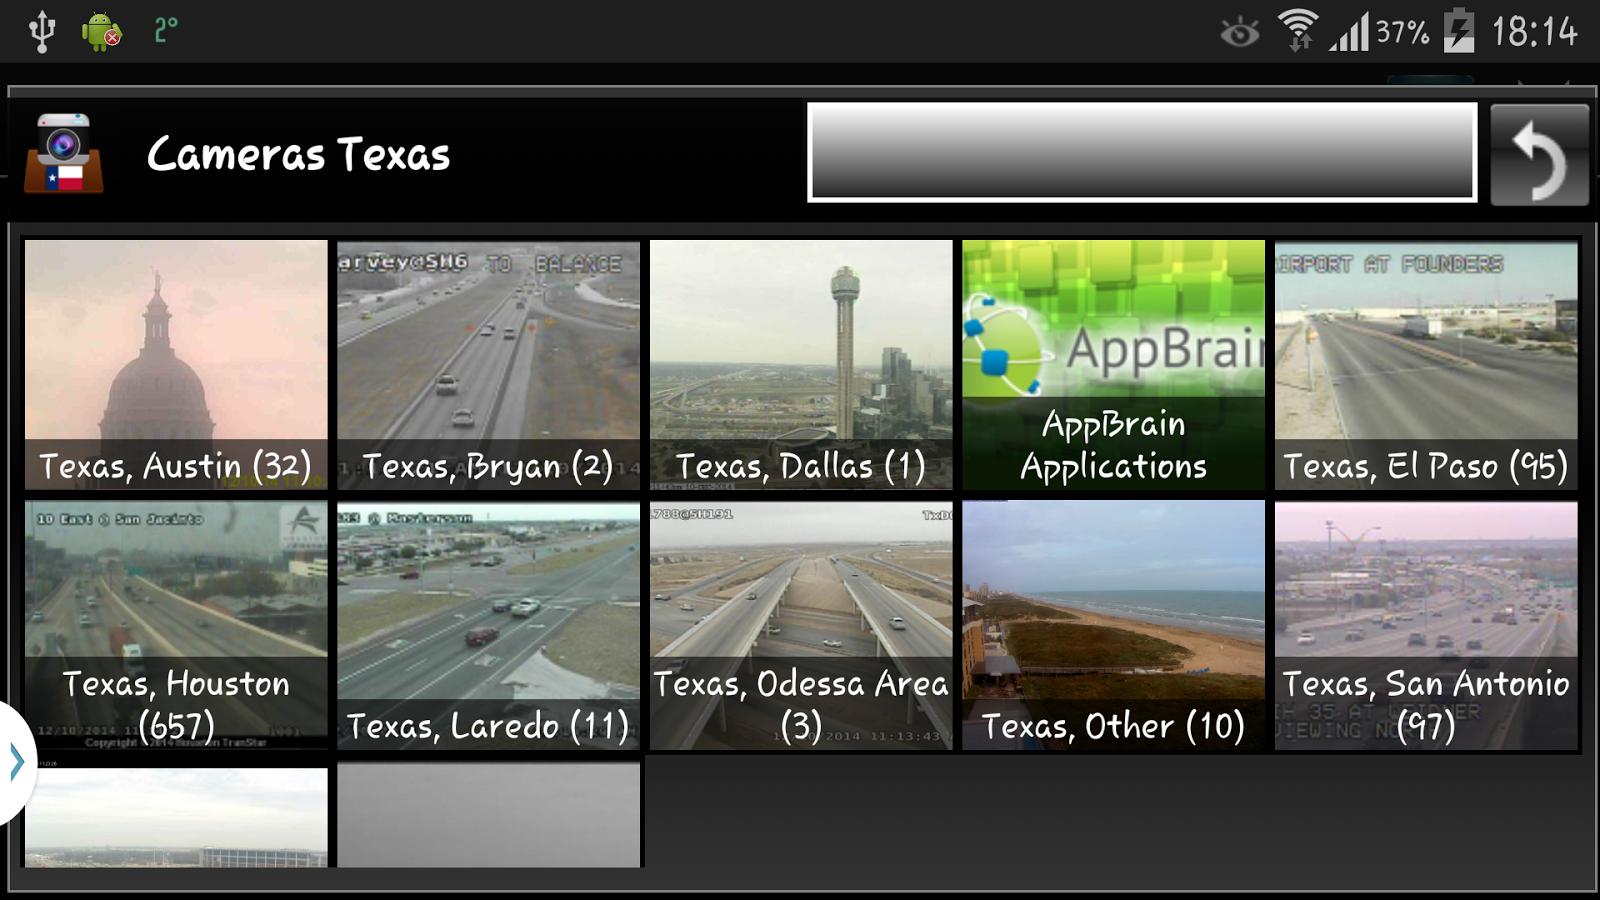 Cameras Texas.